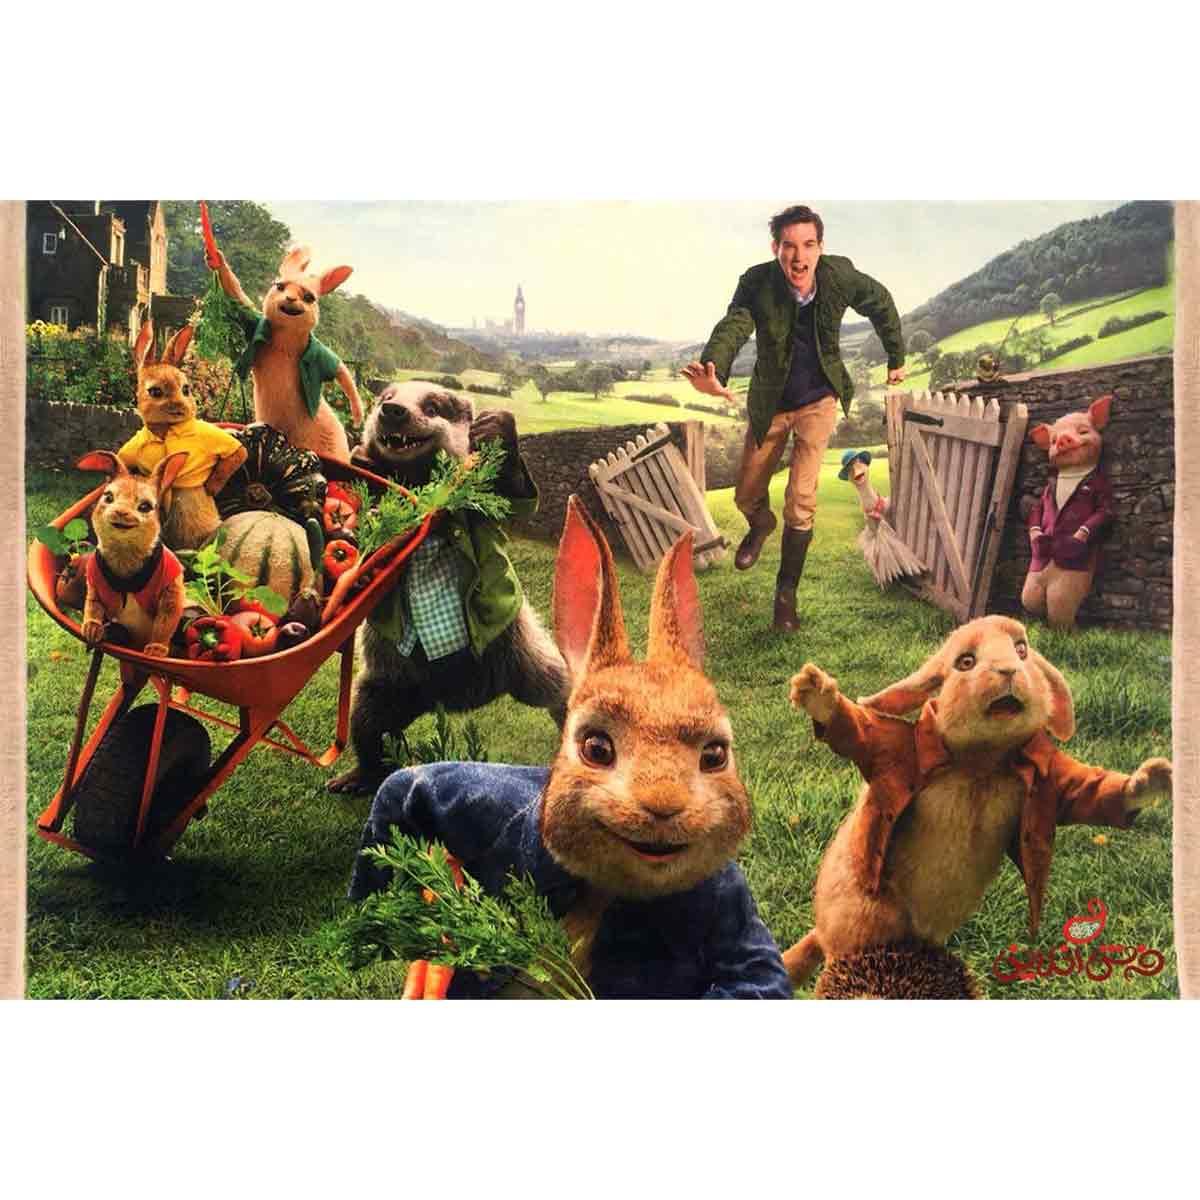 فرش ماشینی کودک کلاریس پیتر خرگوشه کد 100220